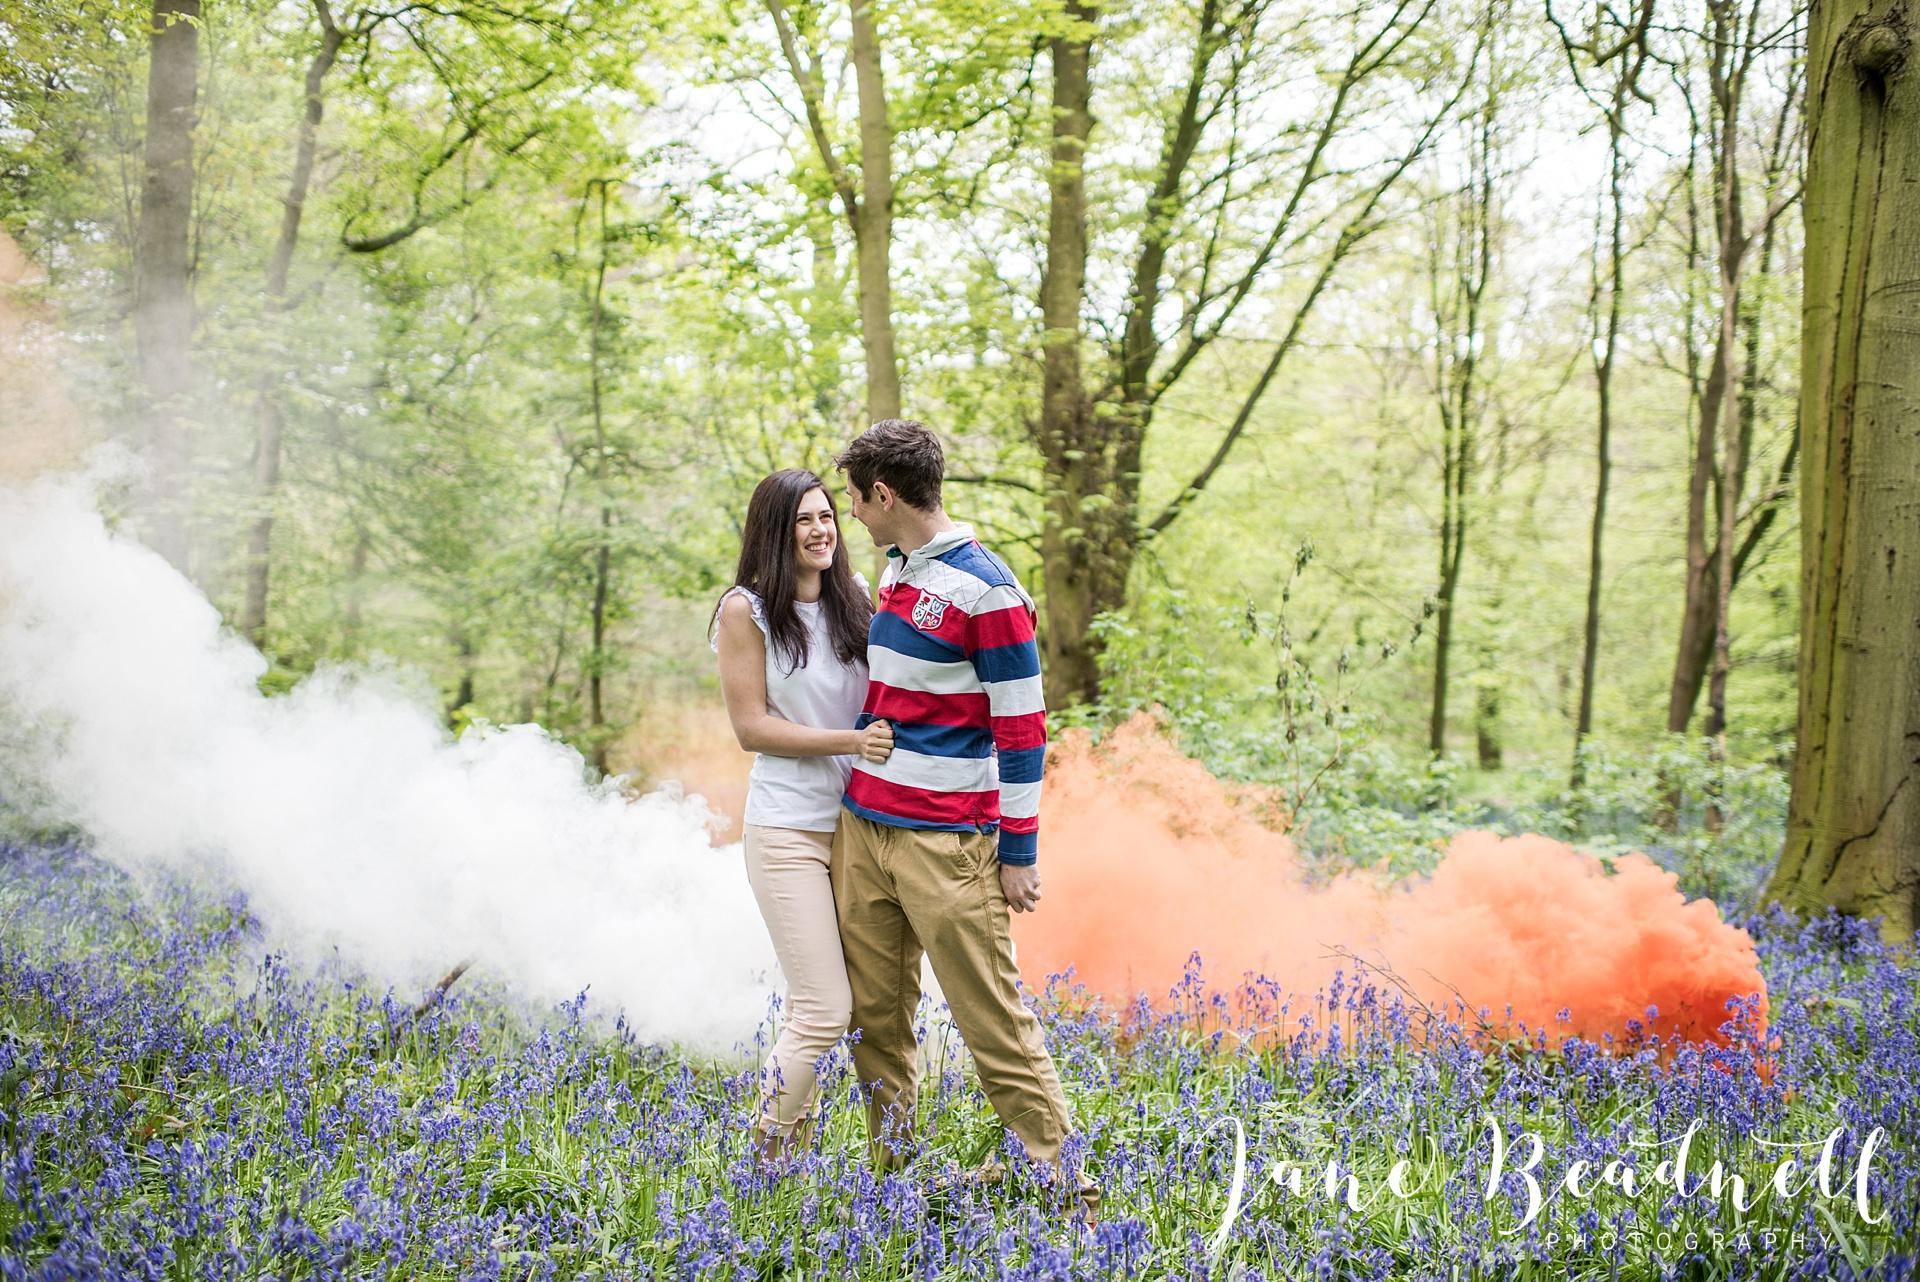 Yorkshire Sculpture Park Engagement Shoot Leeds wedding photographer Jane Beadnell_0051